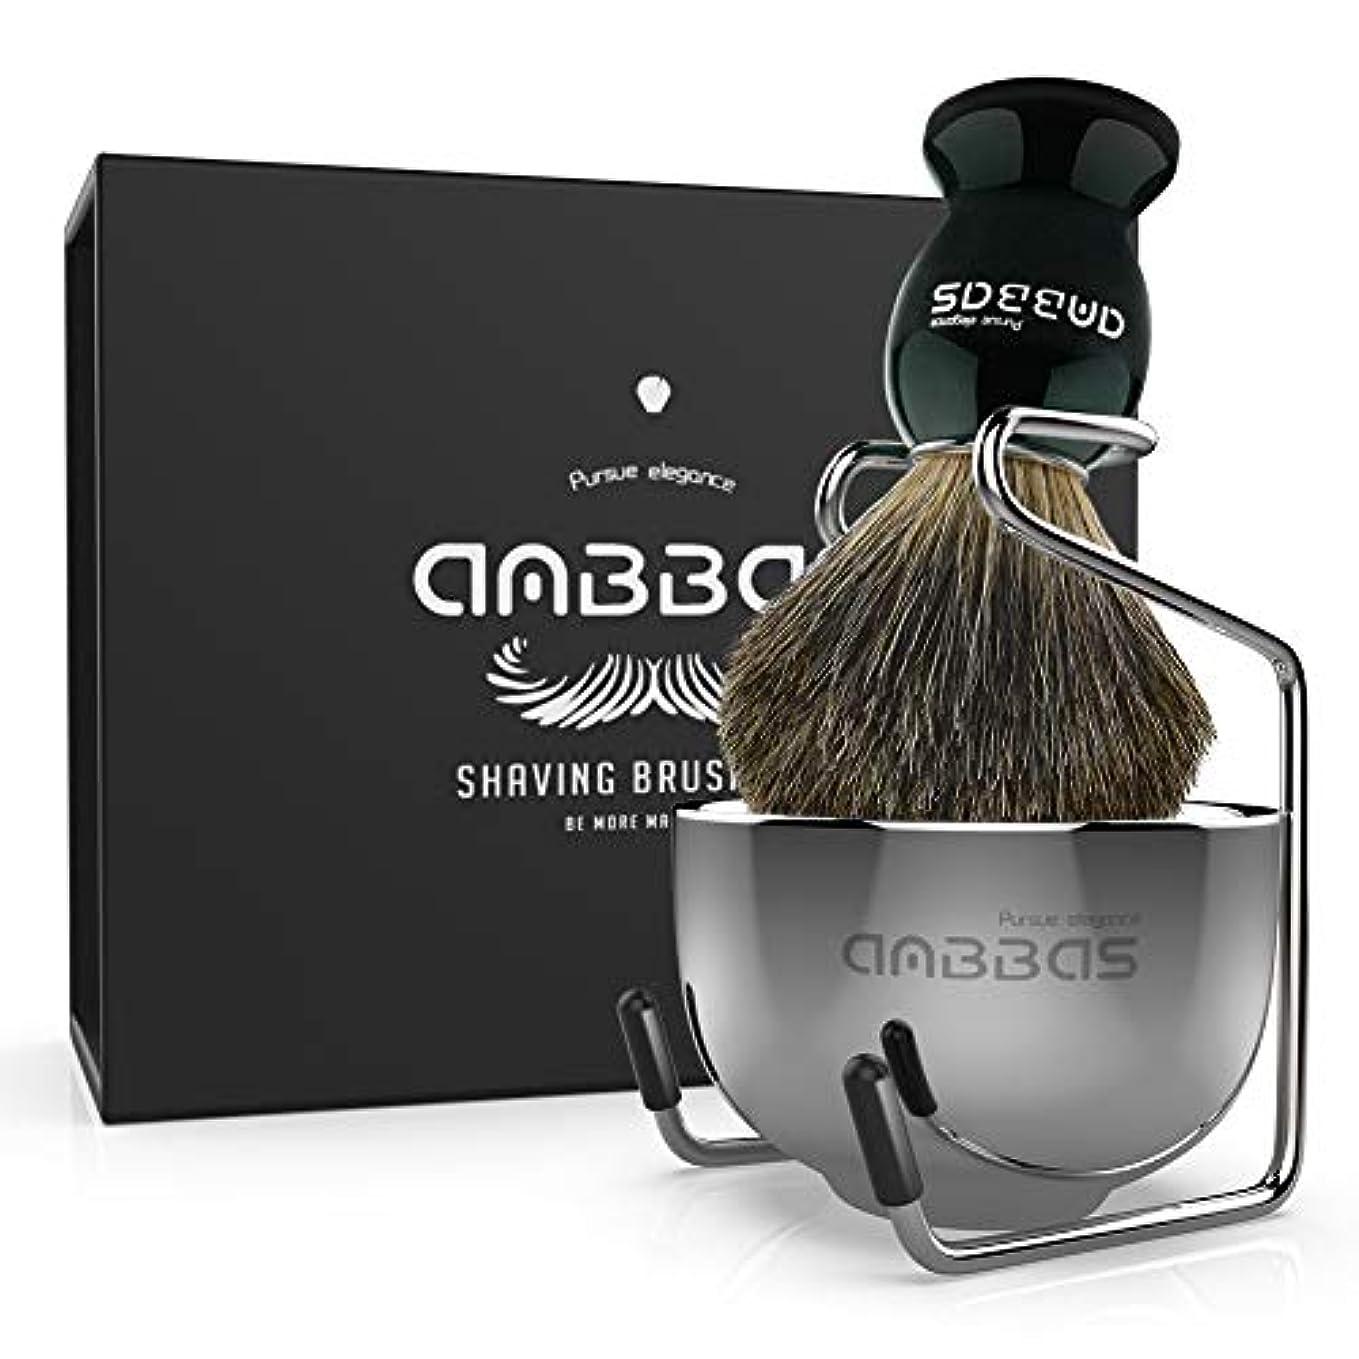 リングバックシャッフル追い払うAnbbas シェービングブラシセット アナグマ毛 ブラシ+スタンド+石鹸ボウル 3点セット メンズ 髭剃り 泡立ち 洗顔ブラシ